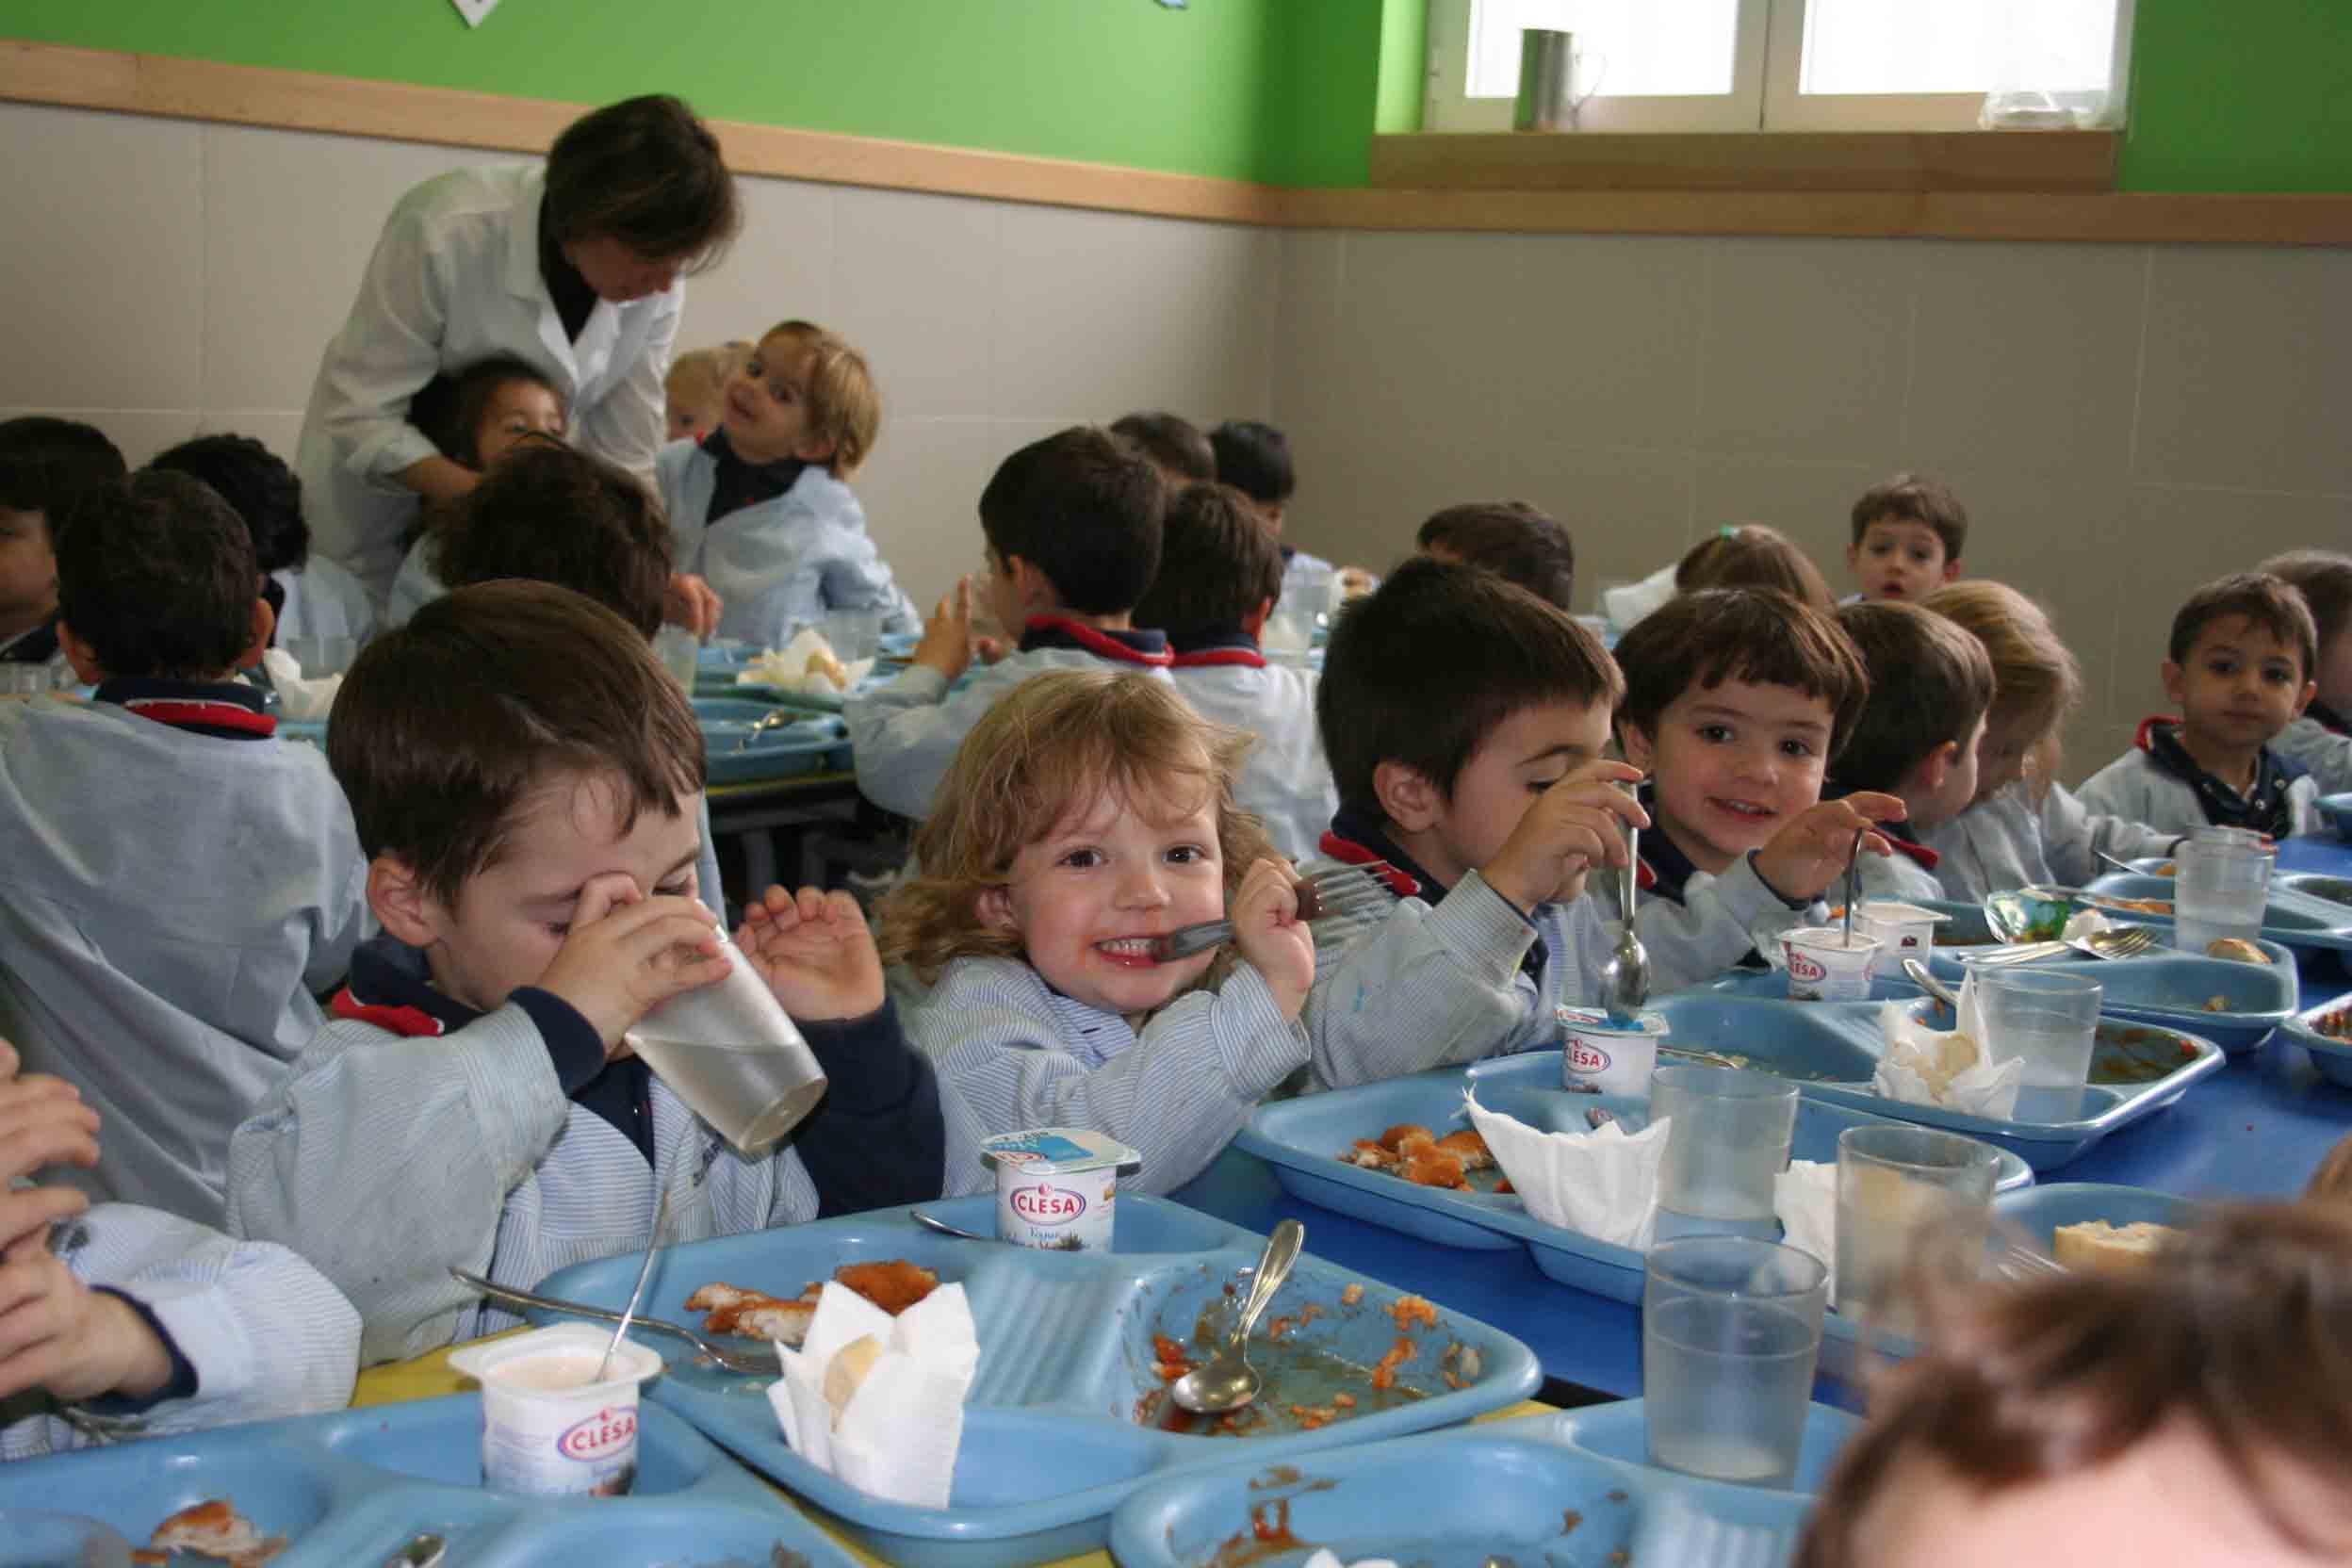 colegio-comedor - GipuzkoaGaur - Actualidad de Gipuzkoa